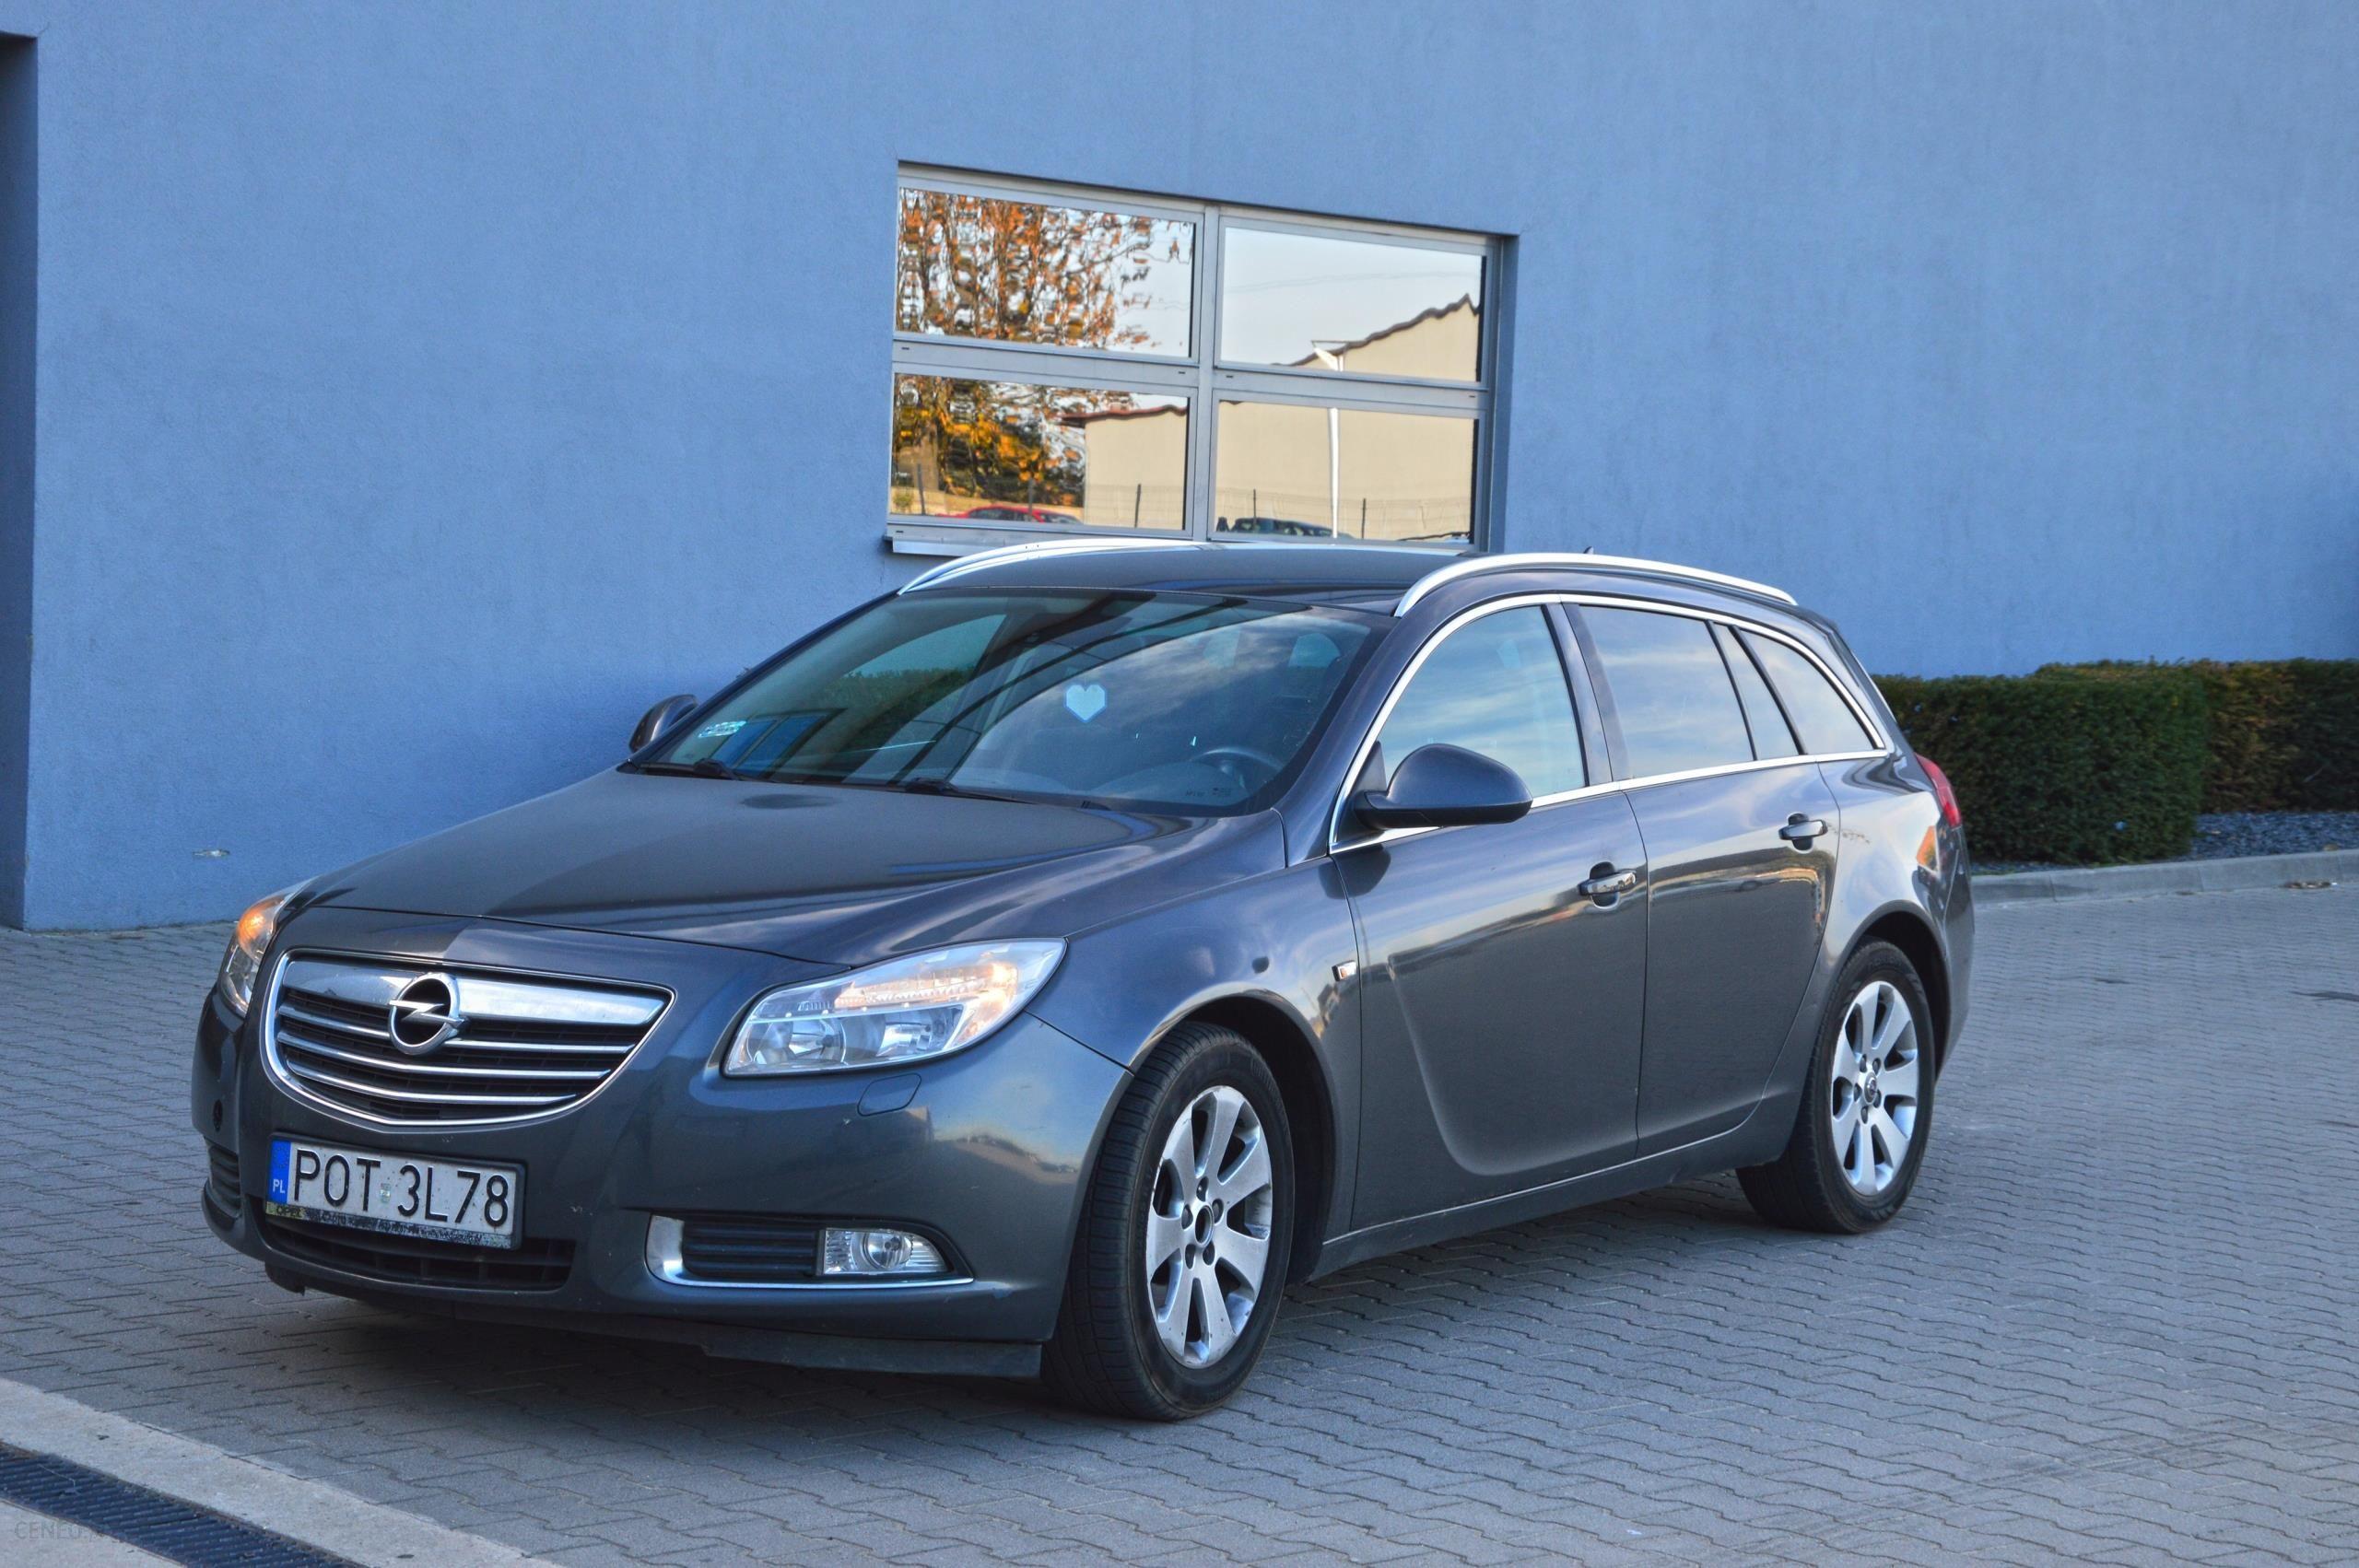 Opel Insignia 2 0 Cdti Ecoflex Navi 160km Opinie I Ceny Na Ceneo Pl